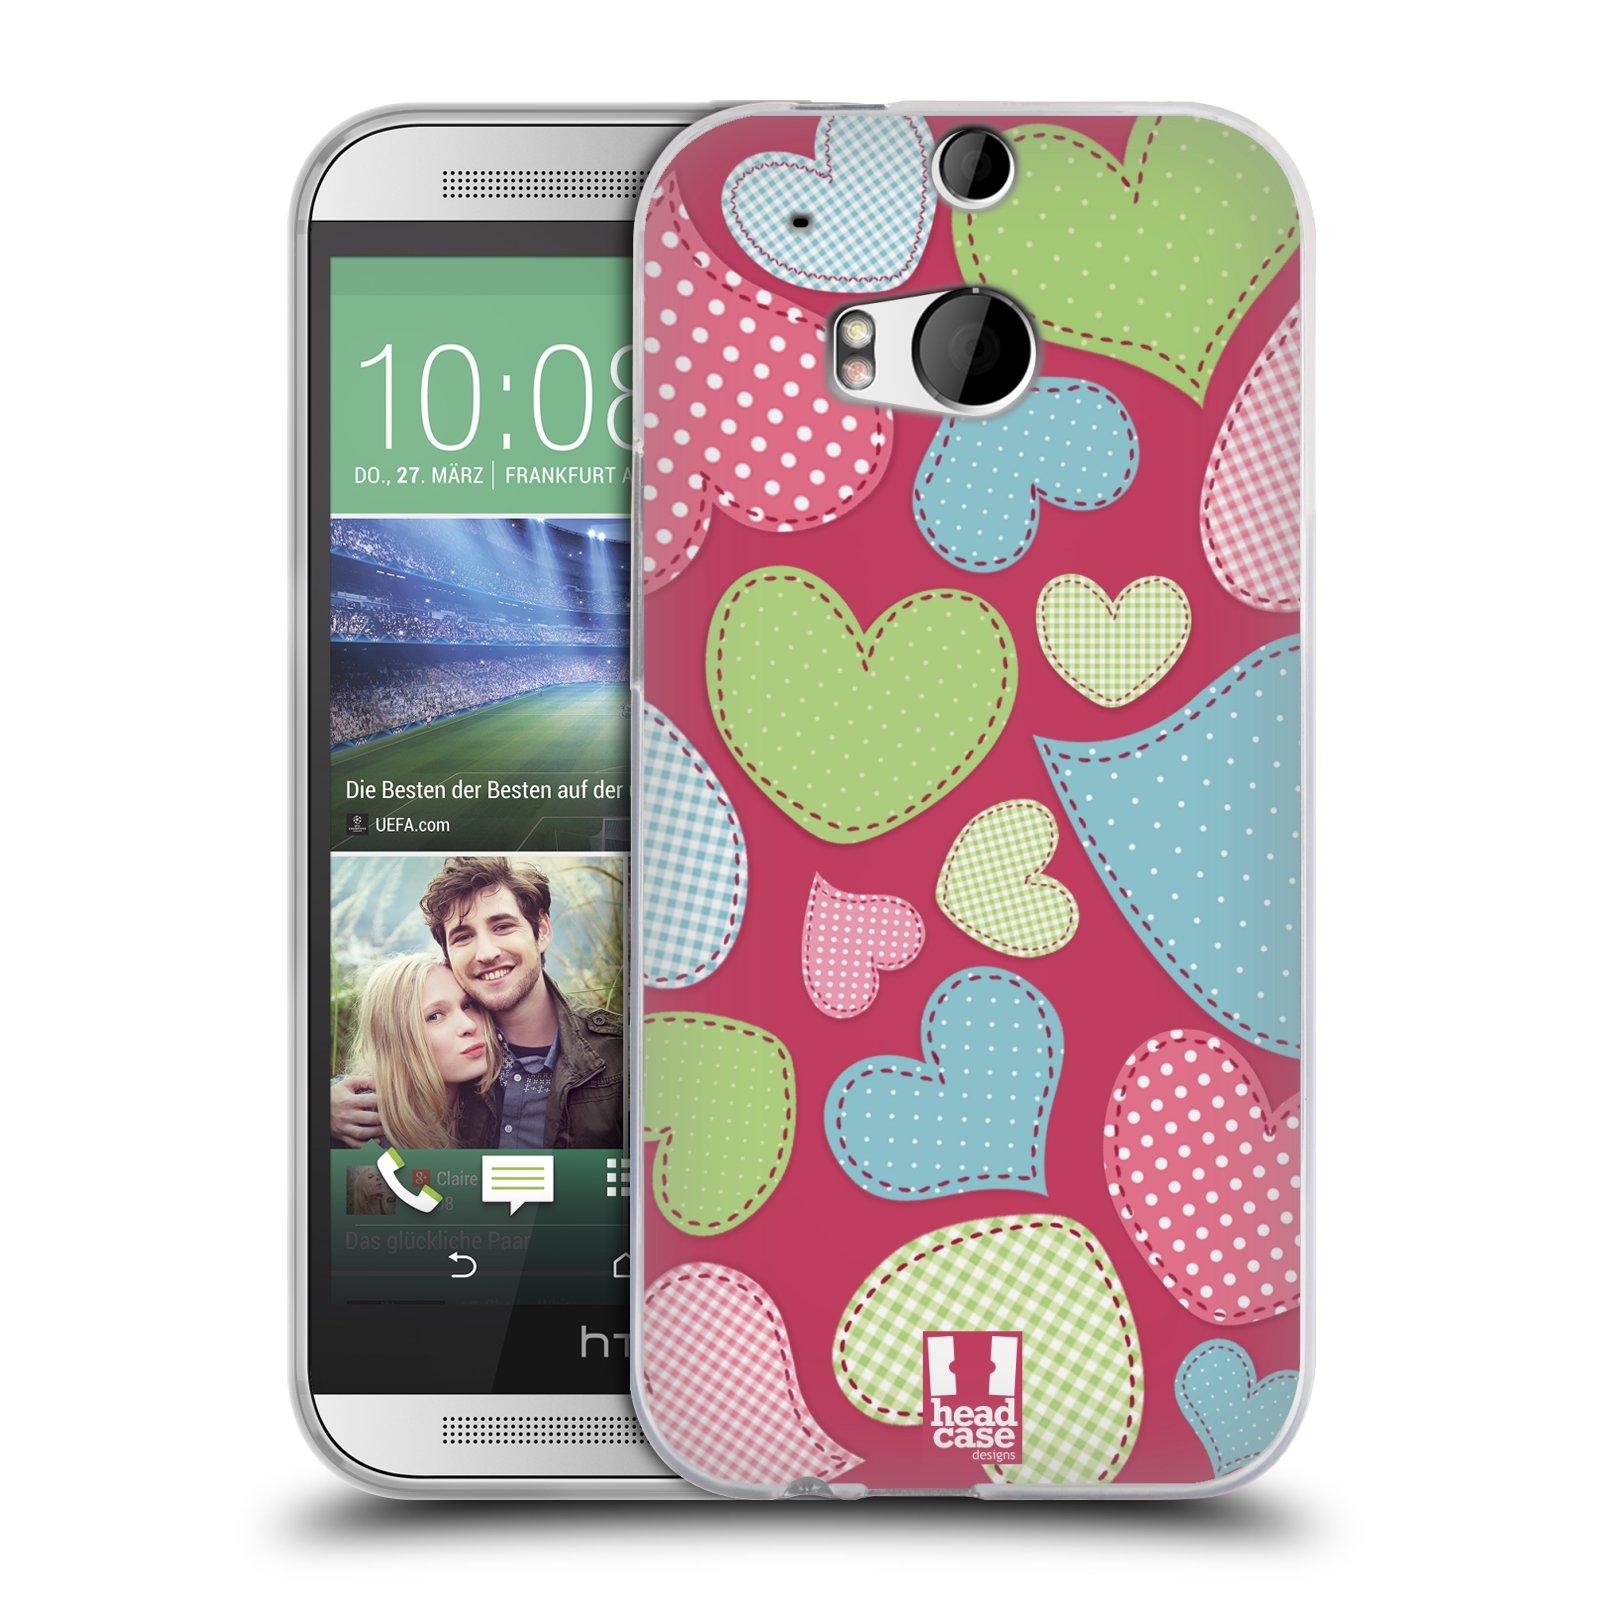 HEAD CASE silikonový obal na mobil HTC ONE (M8) vzor Srdíčka RŮŽOVÁ IMITACE NÁŠIVKA